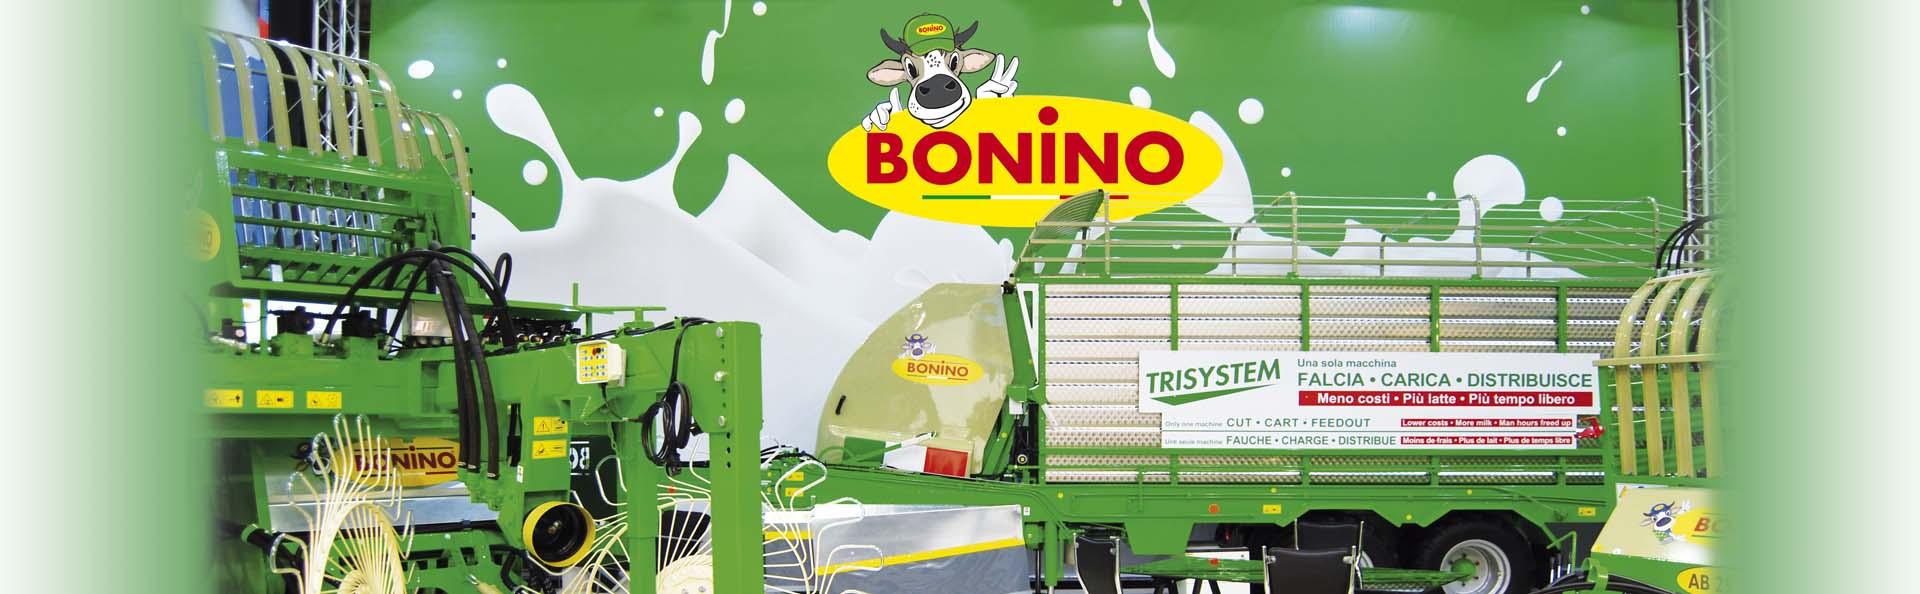 Bonino-macchine-agricole-Sommariva-Bosco-Cuneo-agricultural-machines-machines-agricoles-pour-fourrage-et-récolte-plantes-aromatiques